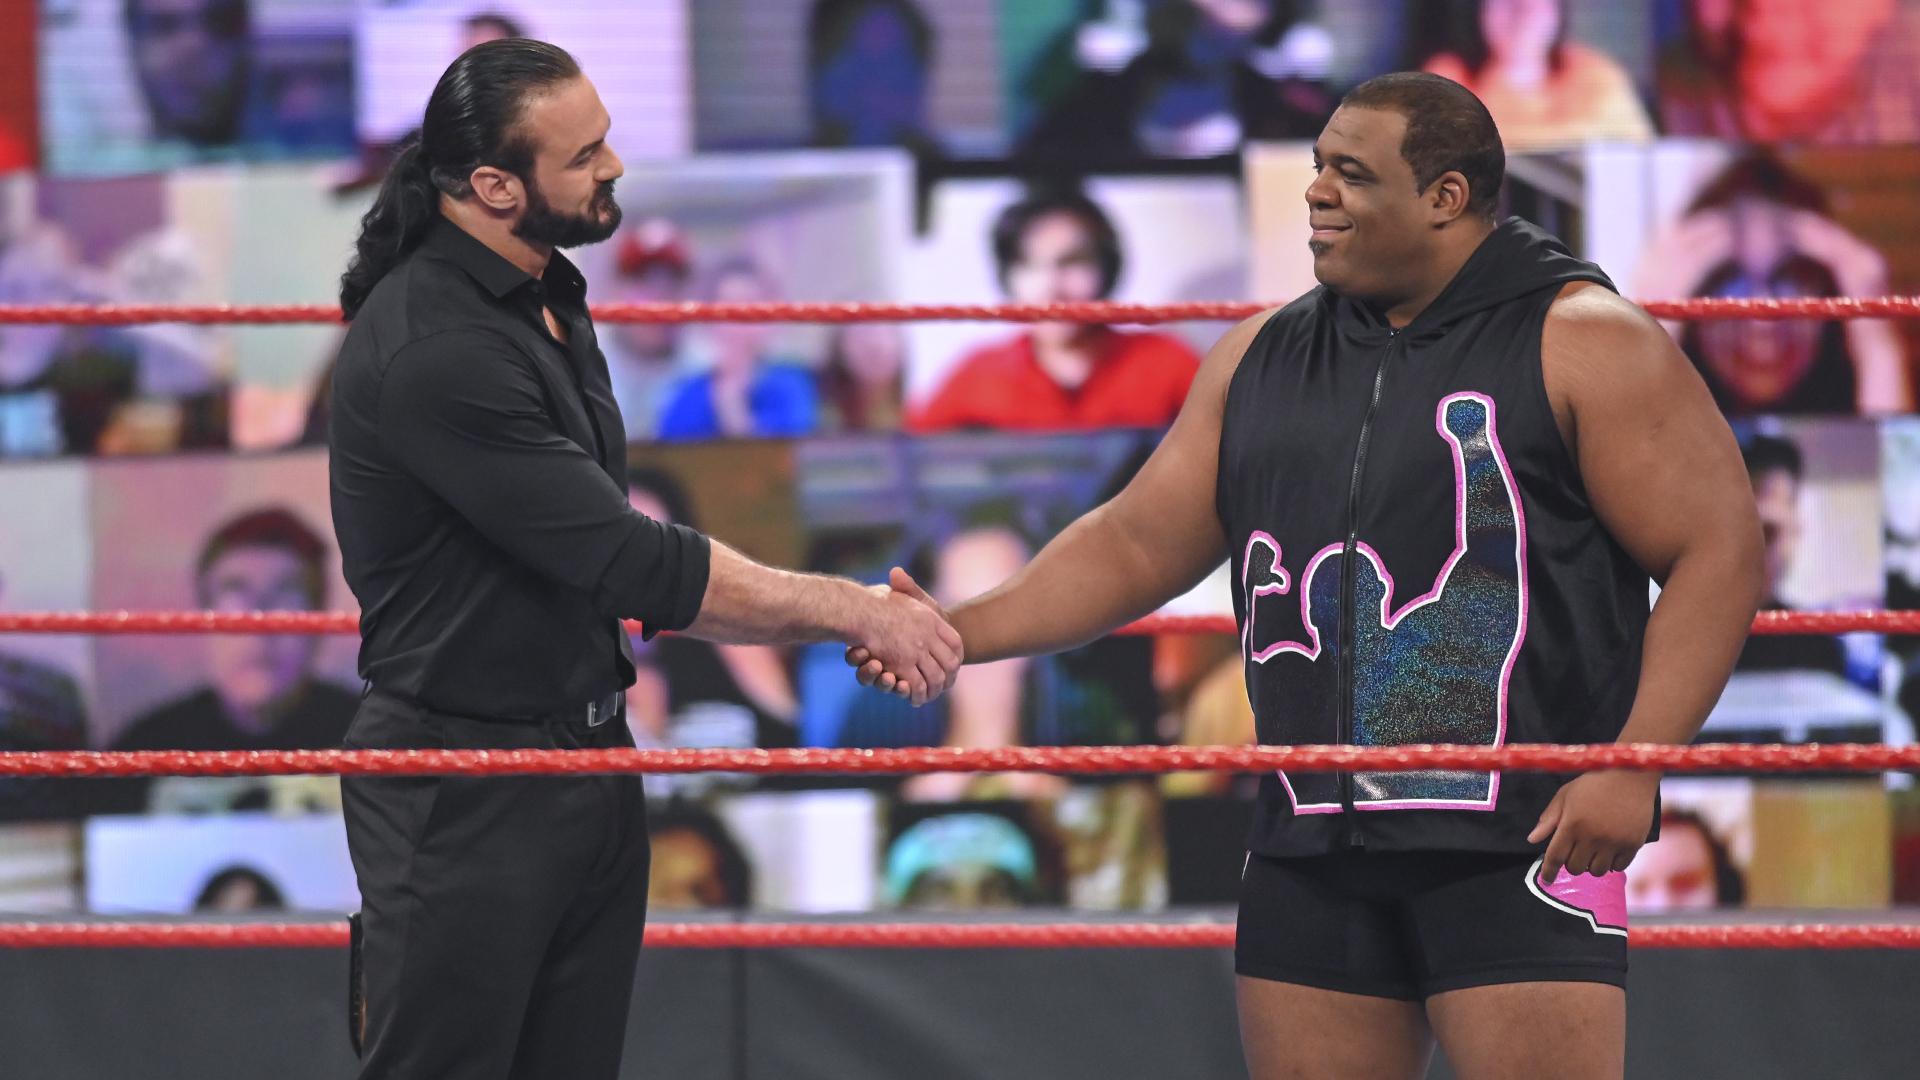 Anunciada a estipulação para o combate pelo WWE Championship no Clash of Champions